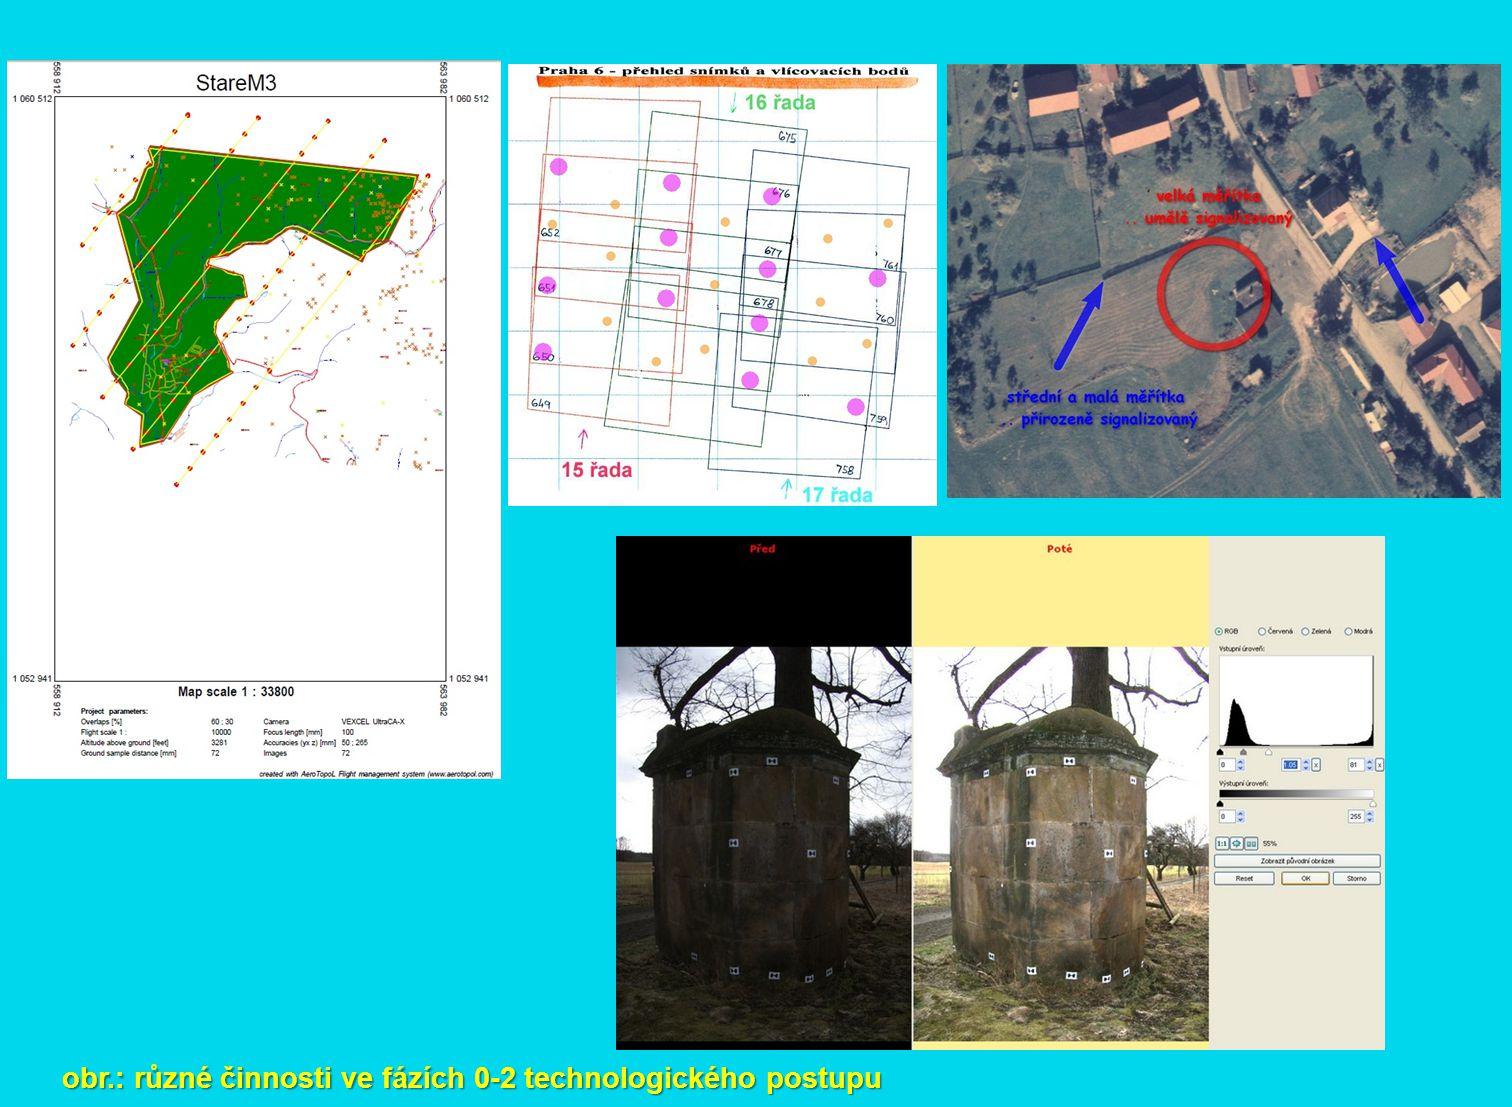 obr.: různé činnosti ve fázích 0-2 technologického postupu